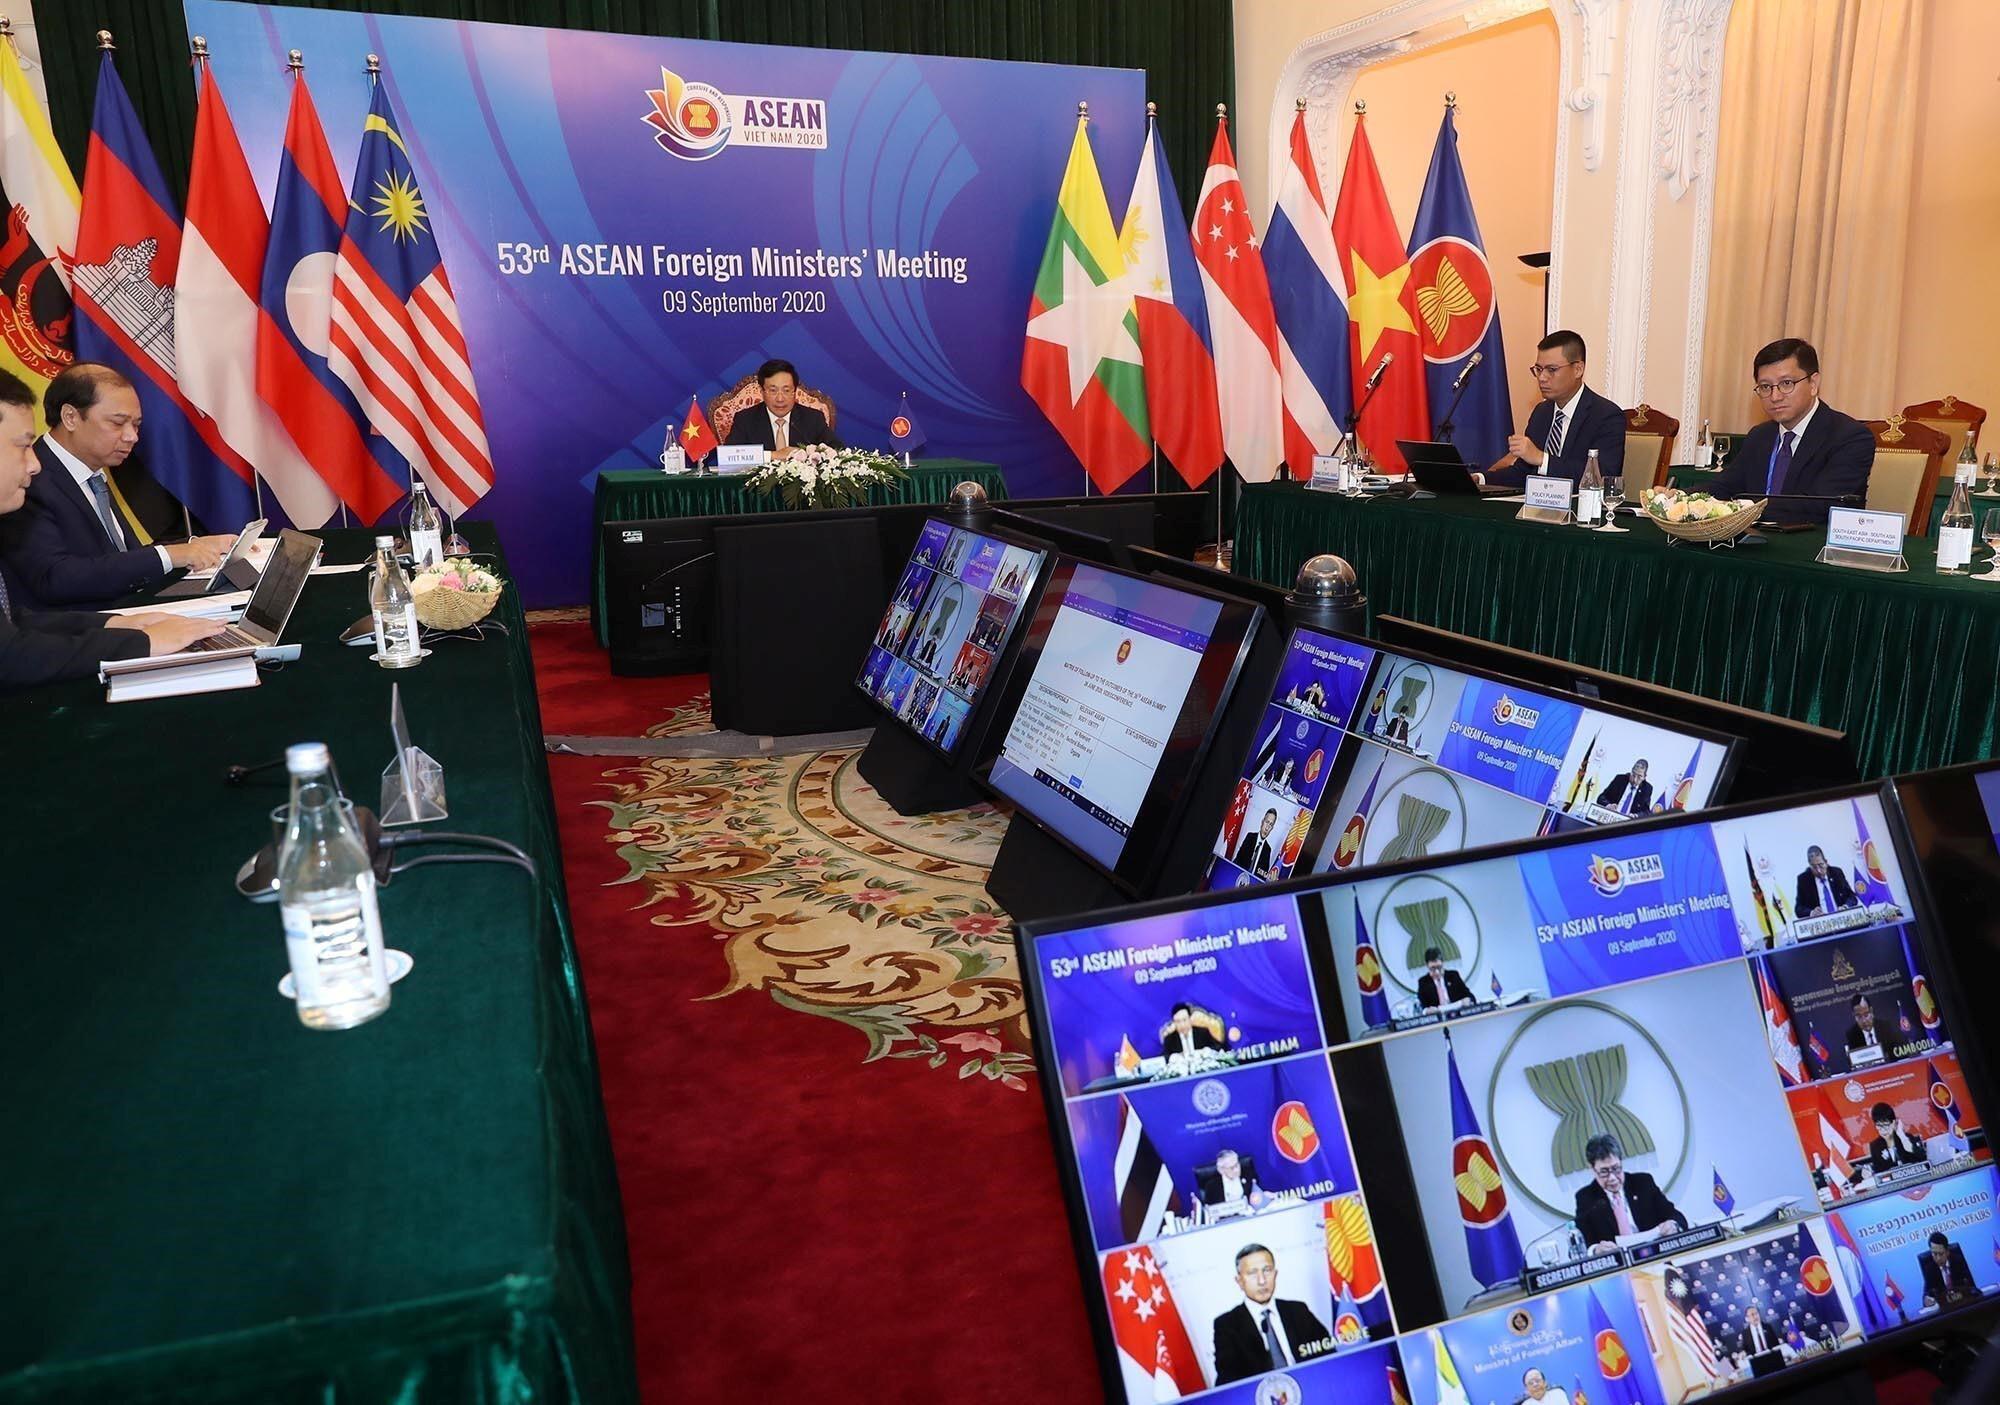 2020-09-09T034517Z_584882755_RC2RUI9QLWS0_RTRMADP_3_ASEAN-SUMMIT